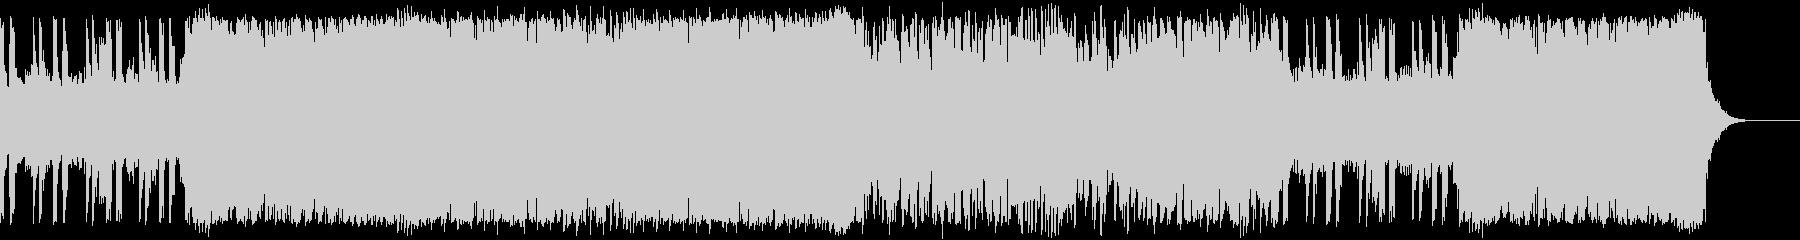 スピード感のあるロックBGMの未再生の波形